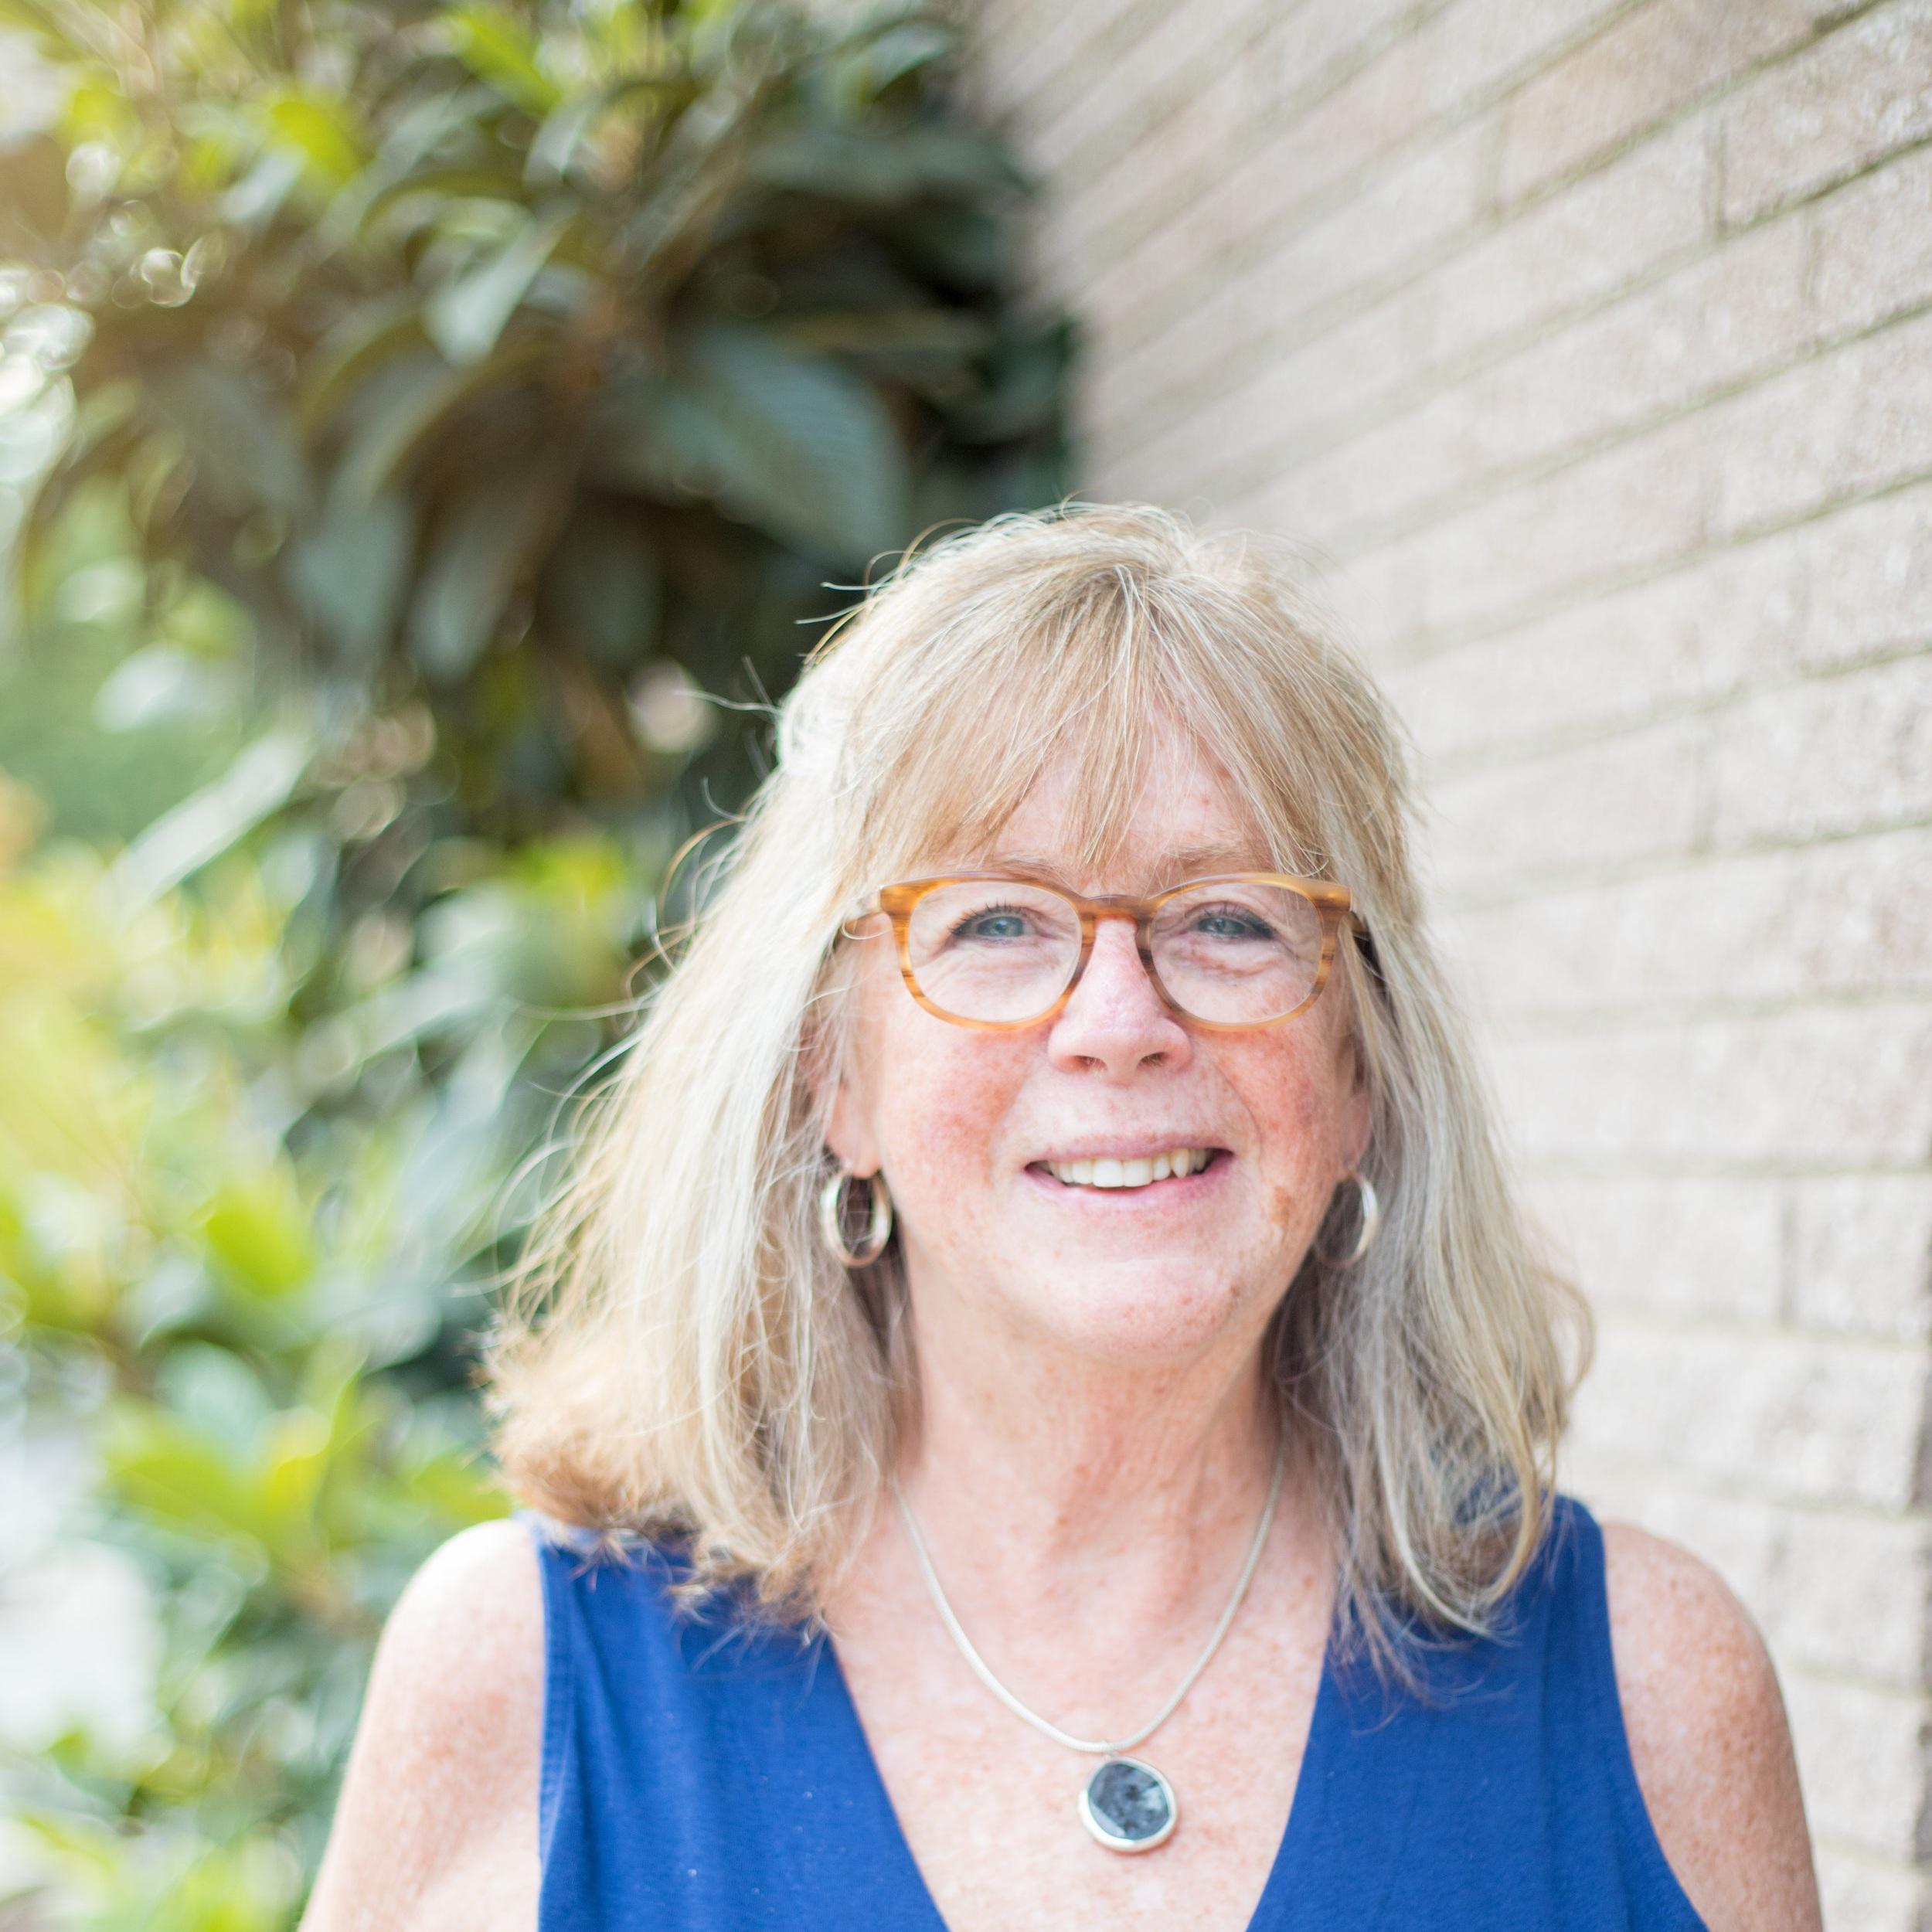 Barbara Pires